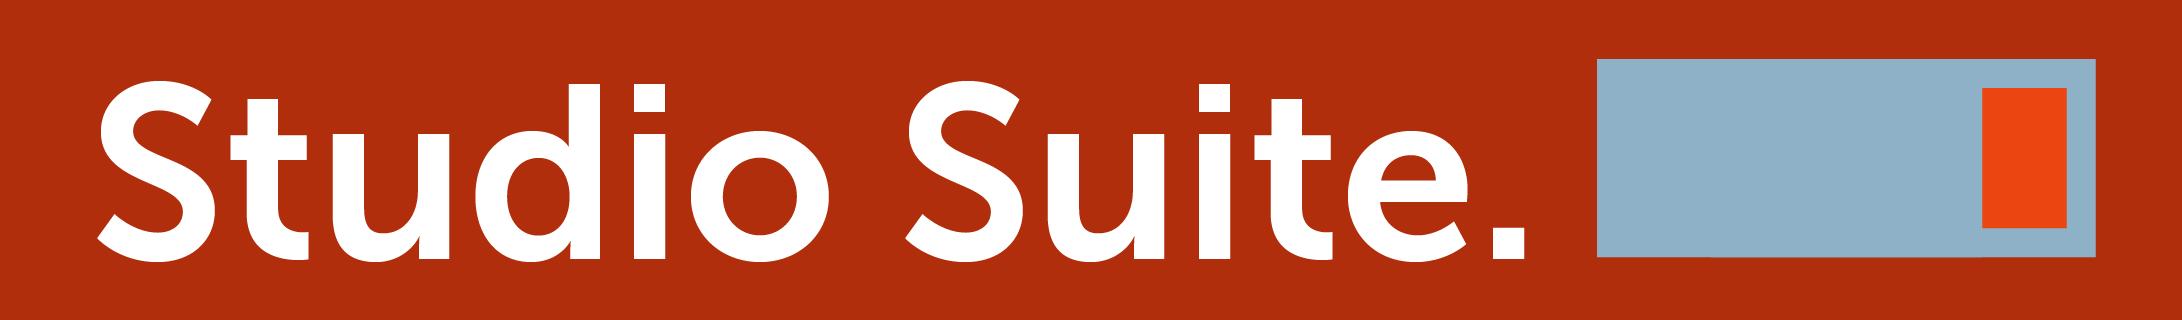 GR_Services_Studio Suite.png